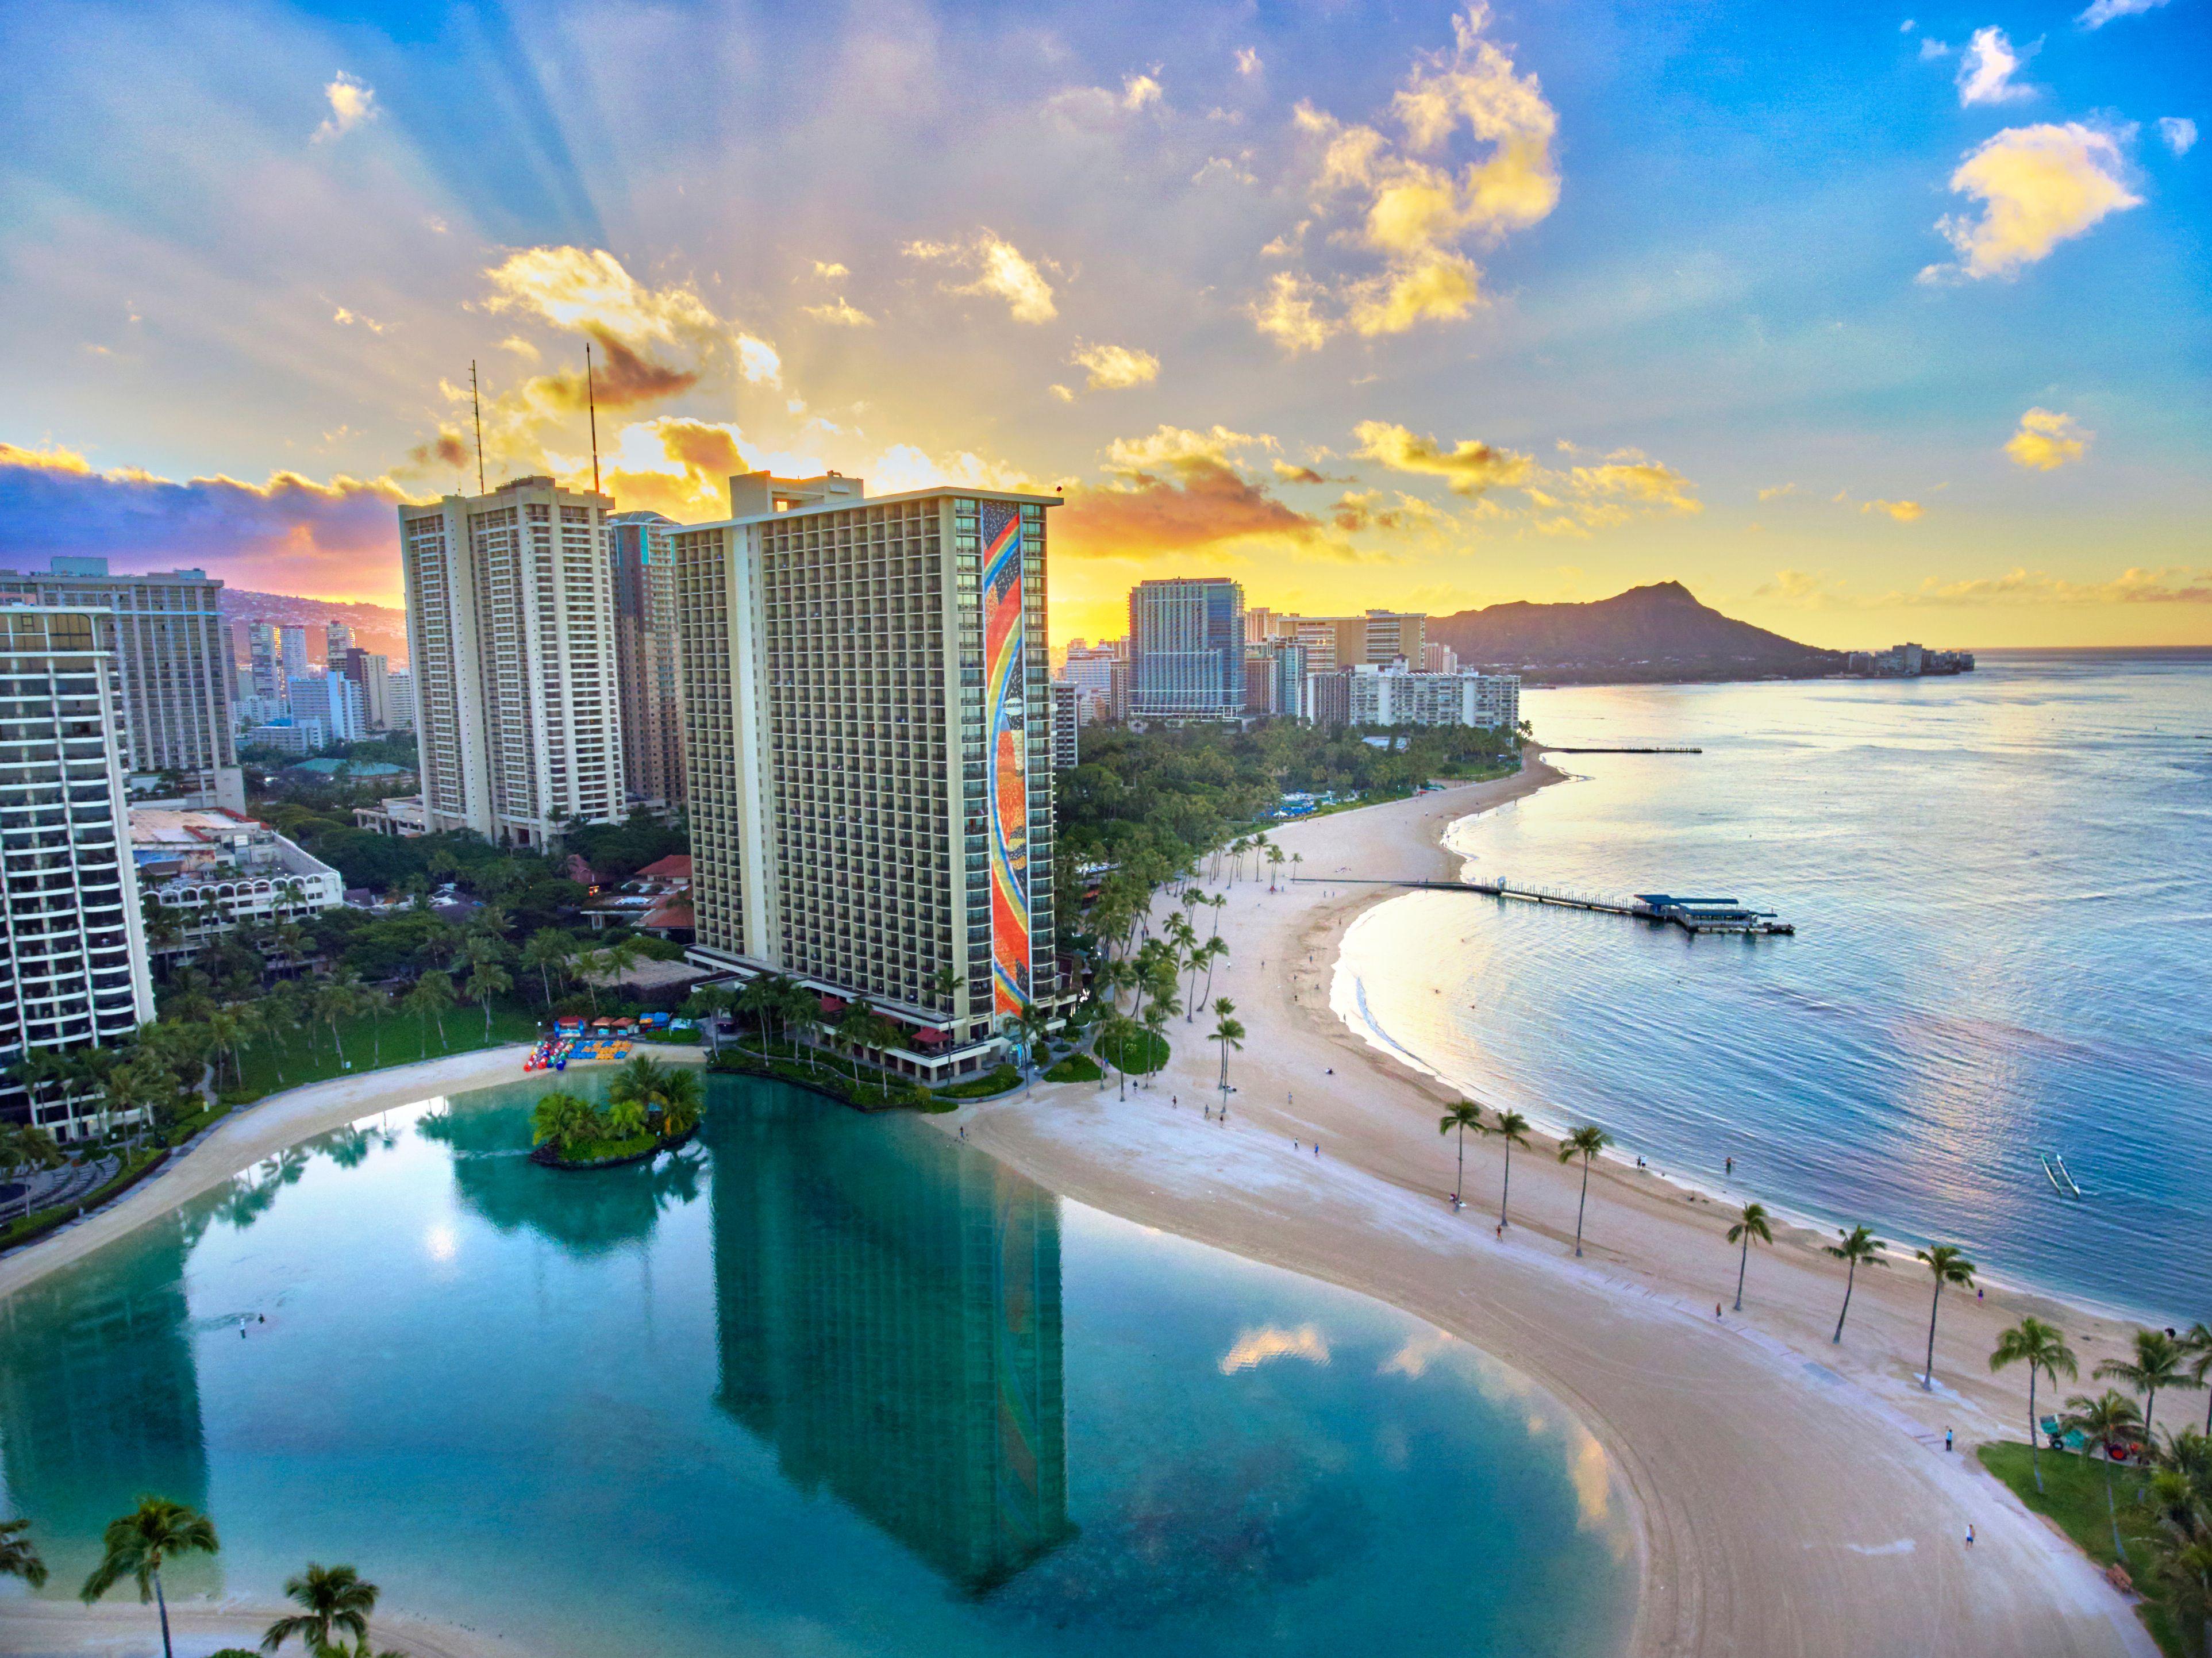 HHV_Waikiki Beach_aerial_09.jpg